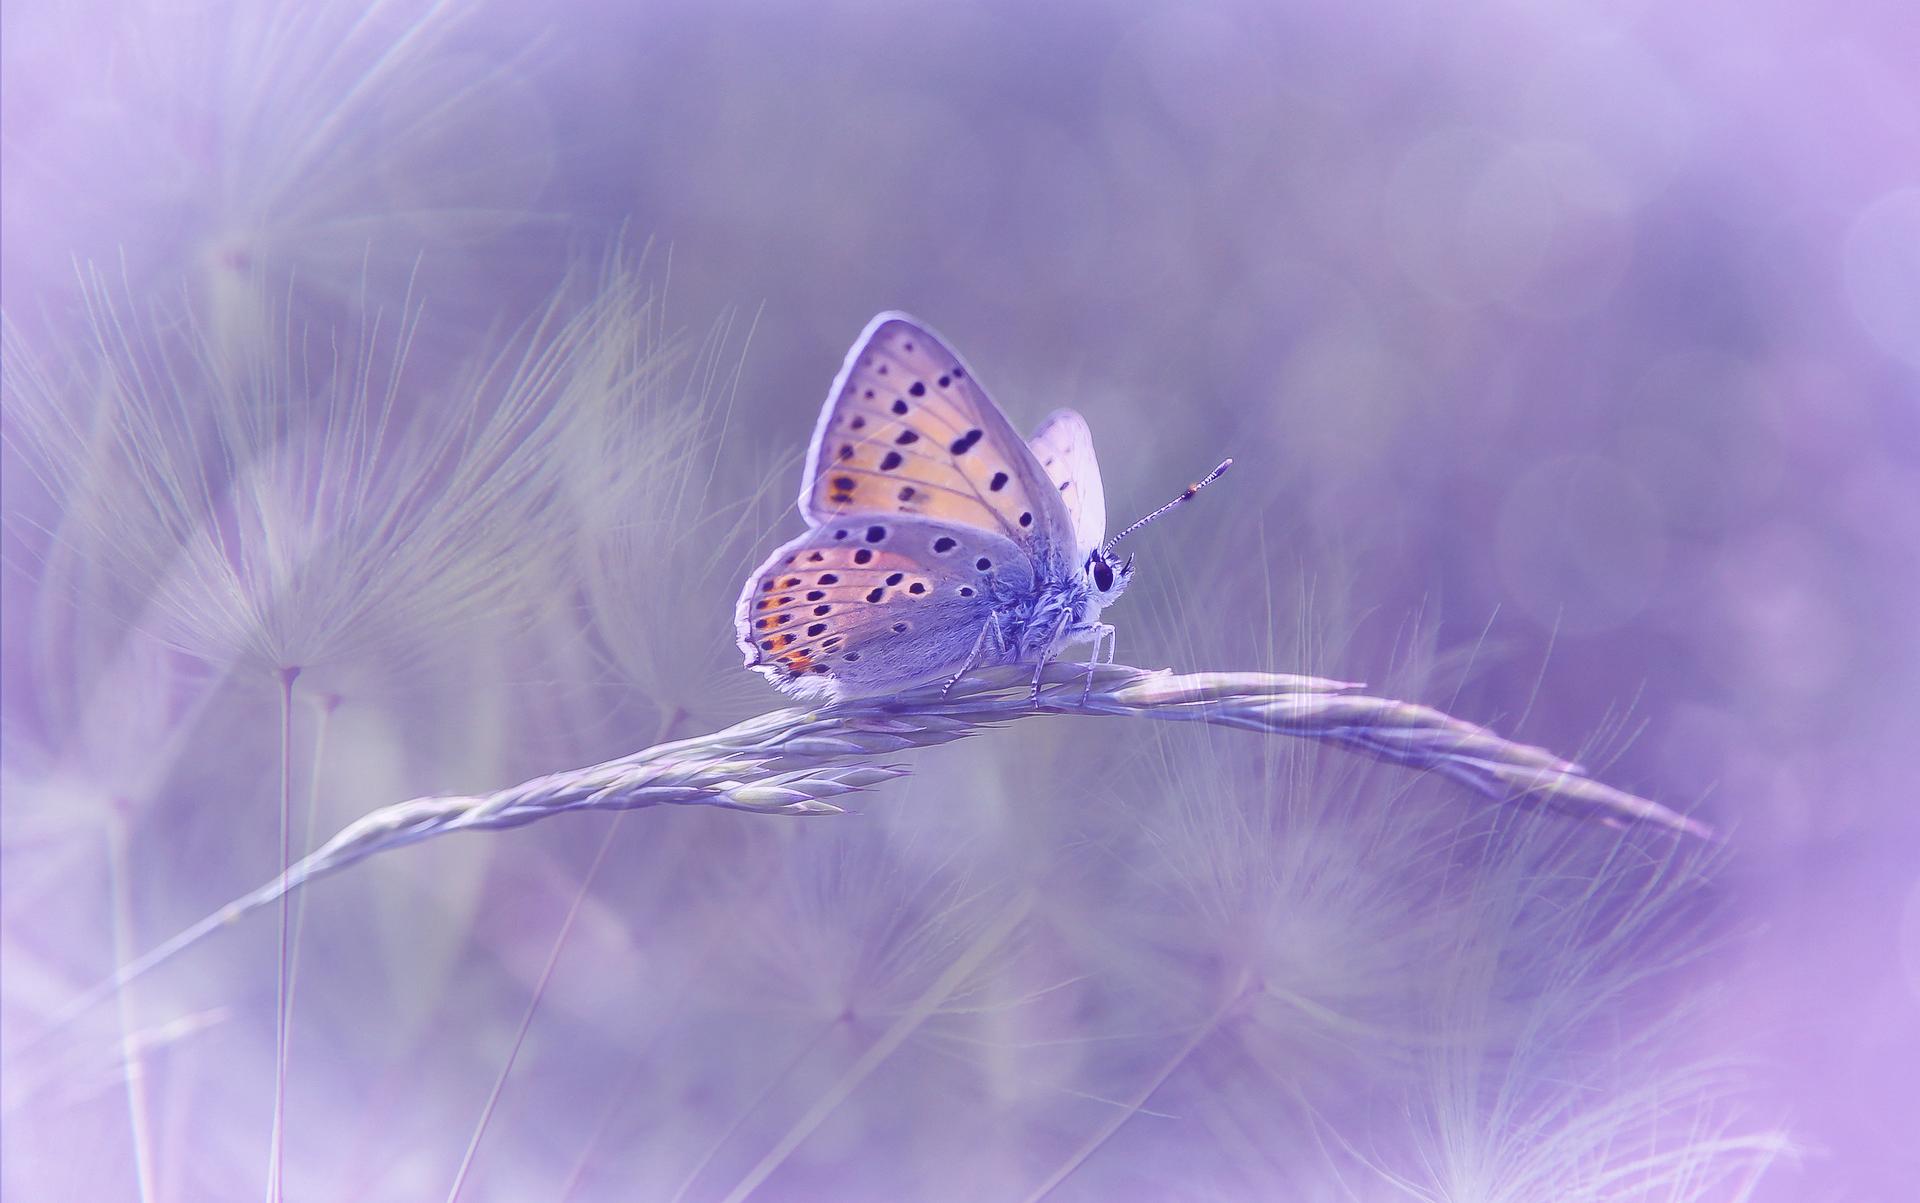 Die Geburt eines Schmetterlings - Podcast mit Spirit Online